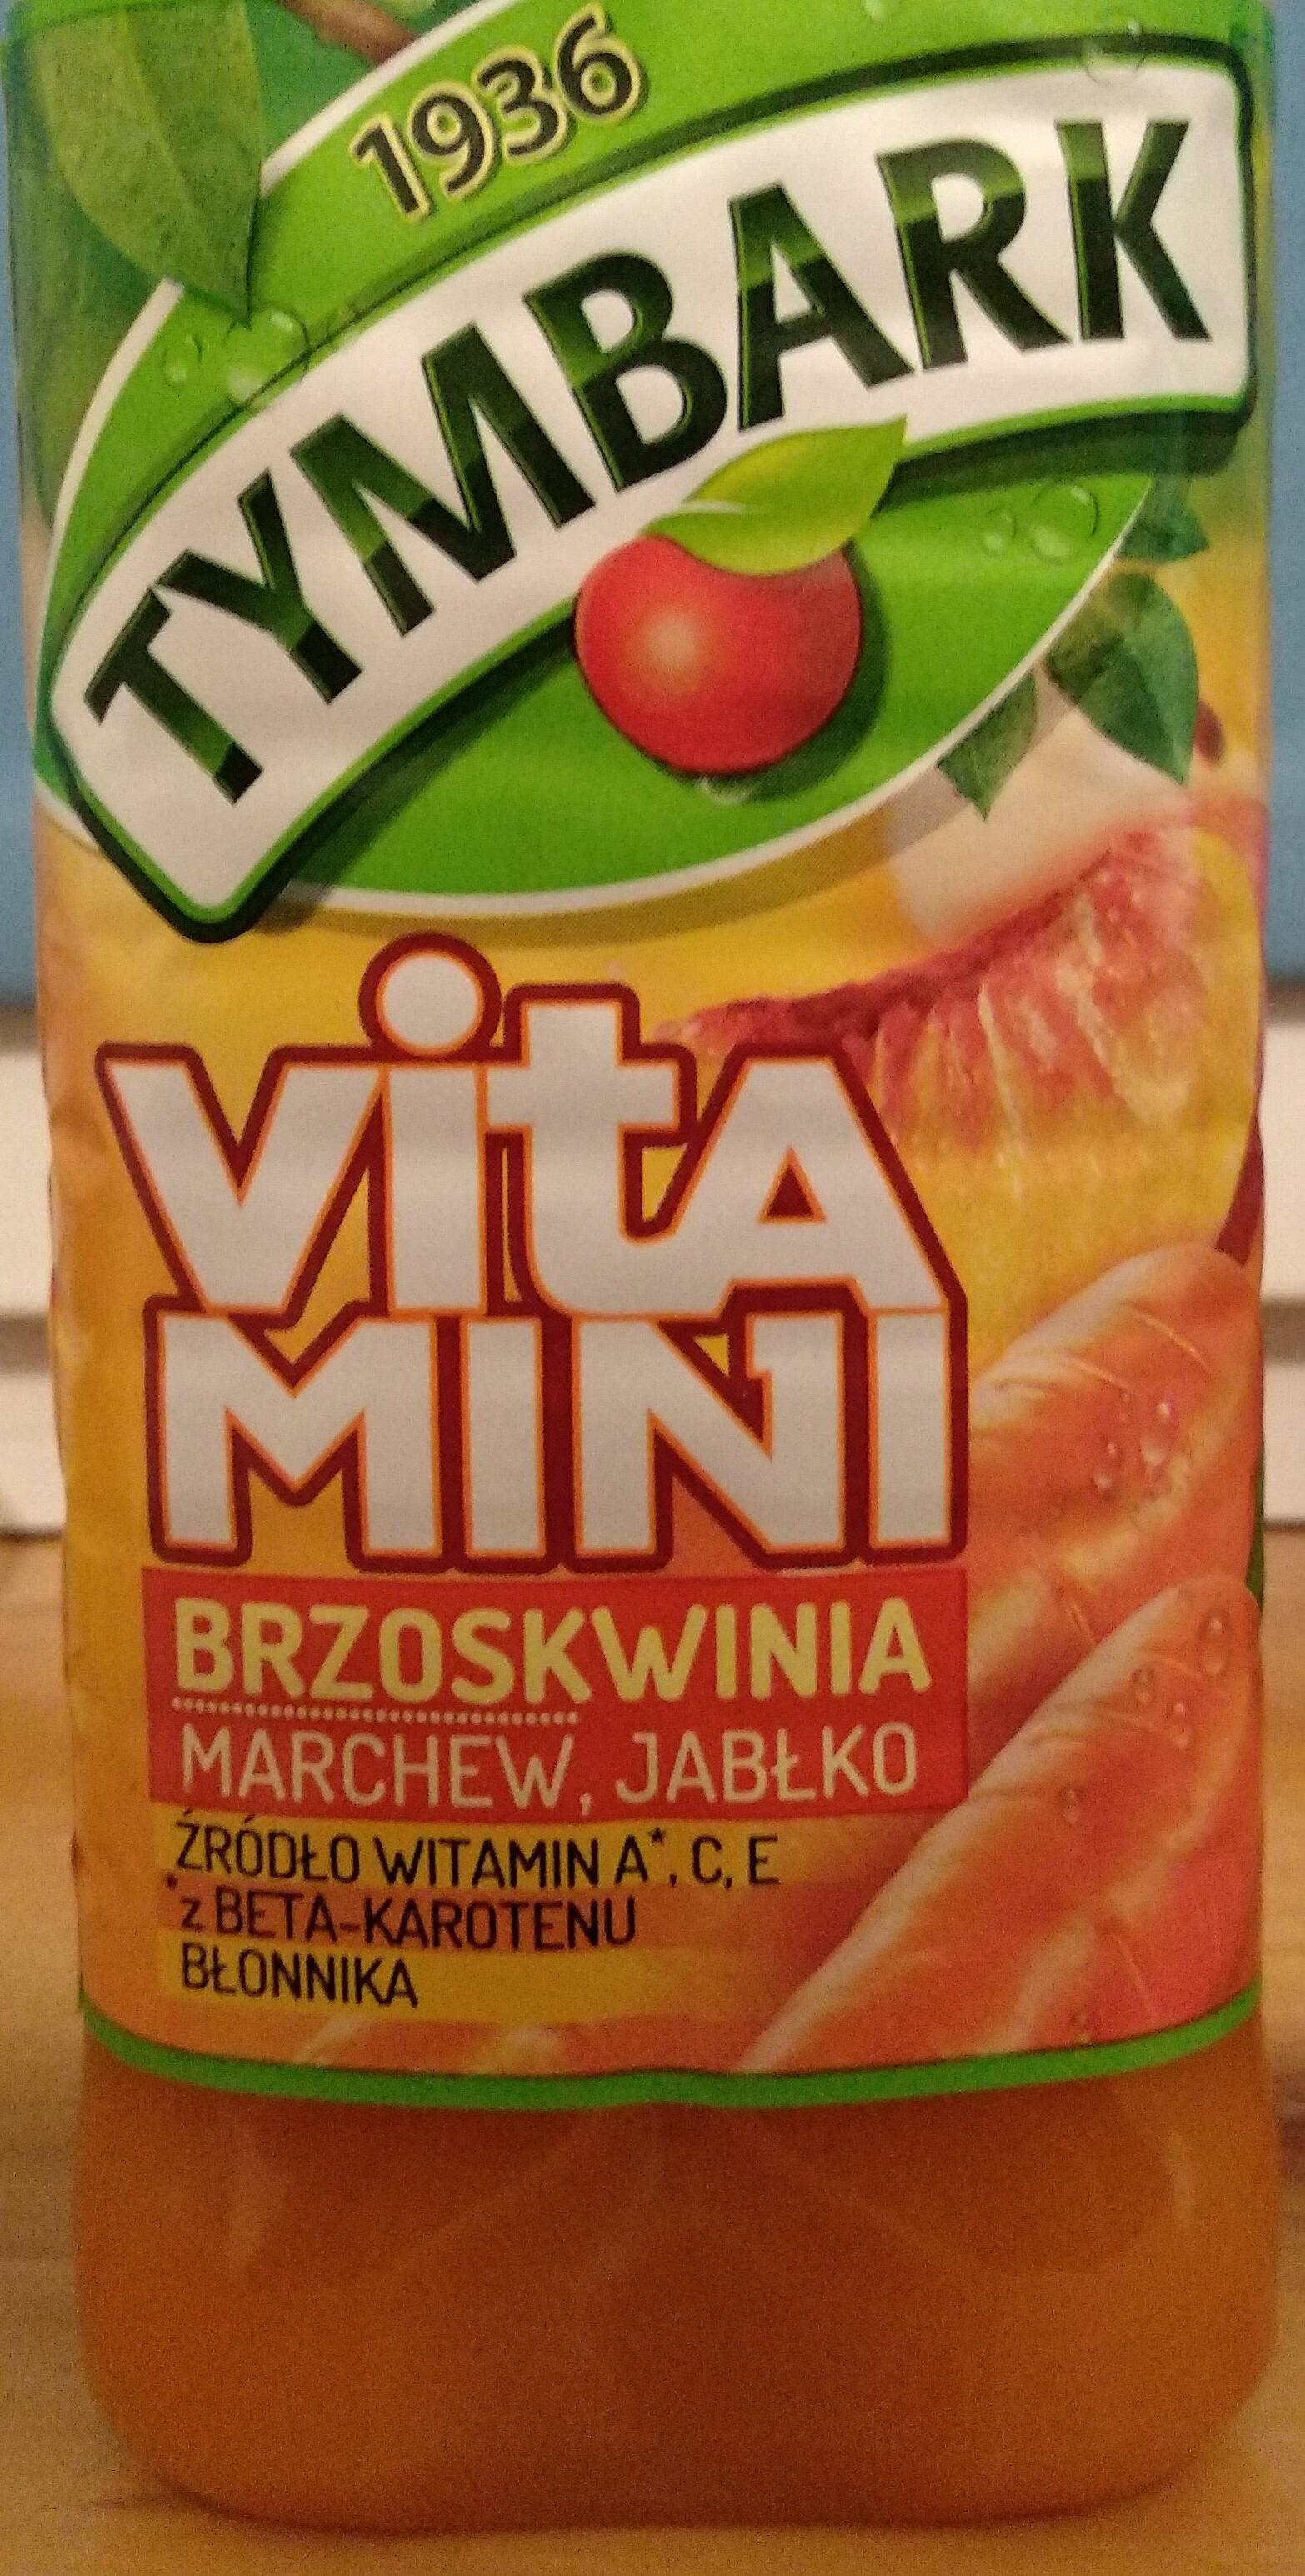 Sok z brzoskwiń, marchwi i jabłek z dodatkiem witamin C i E. - Produkt - pl